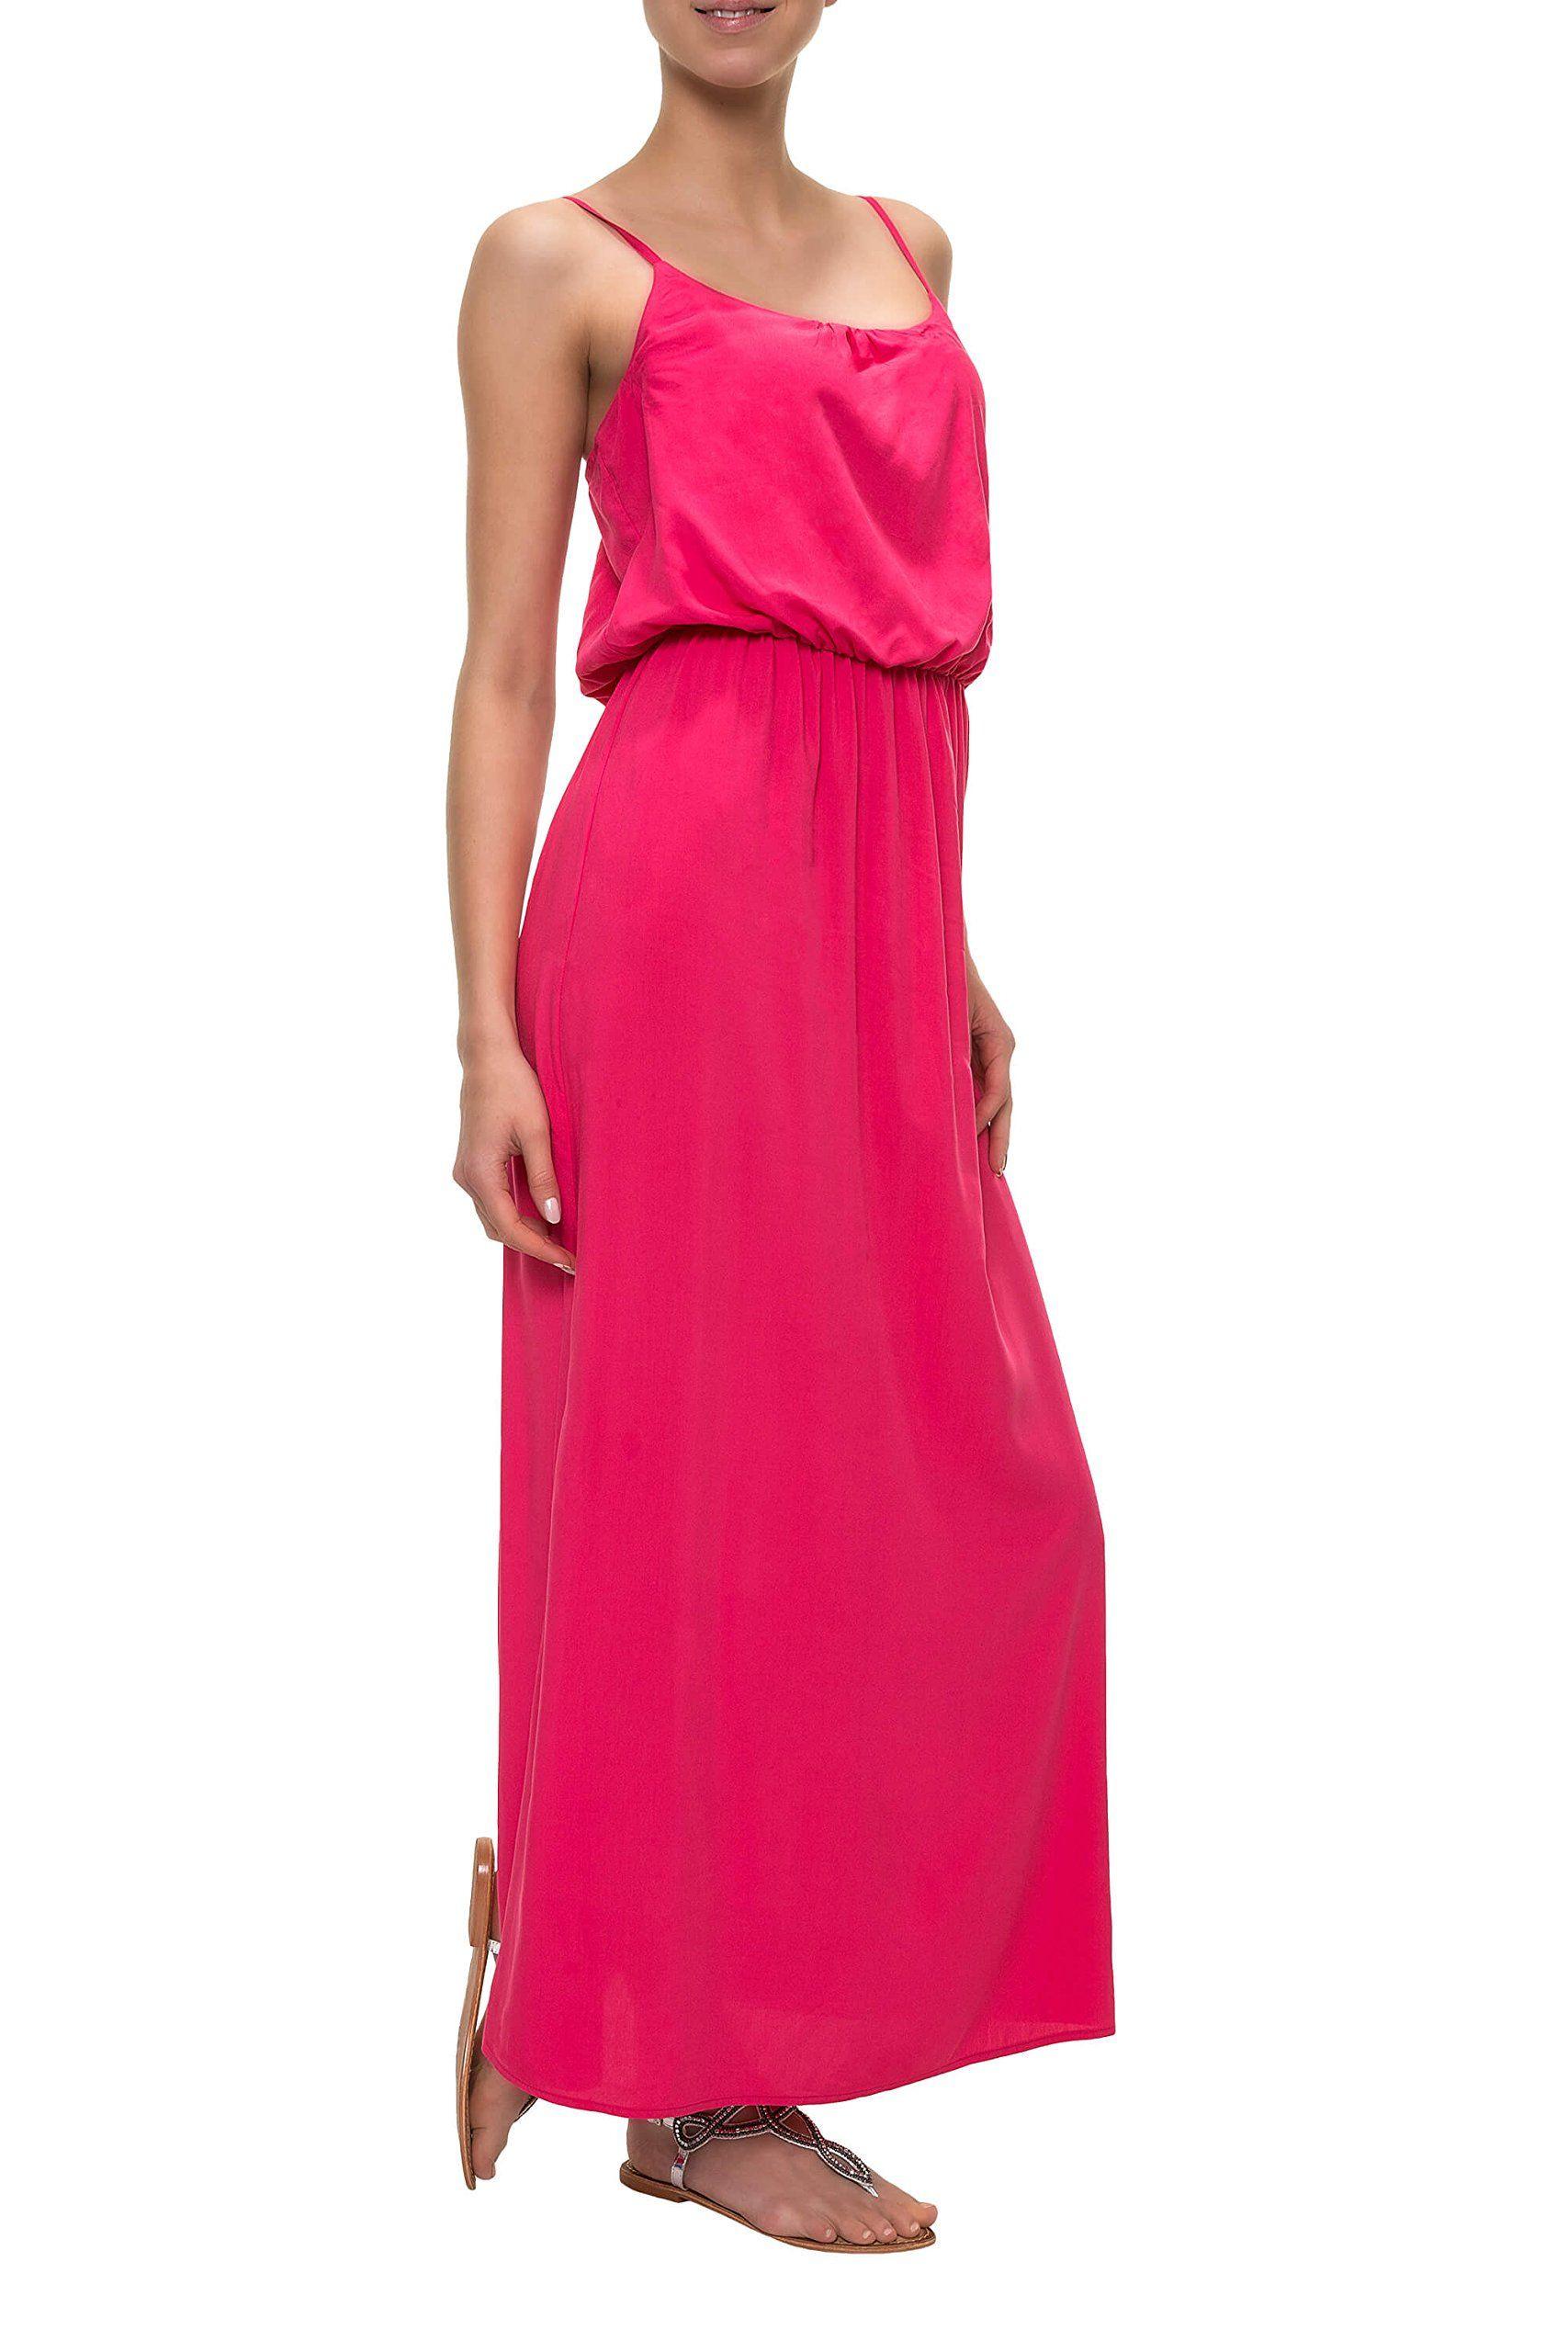 Only Damen Maxikleid Trägerkleid Slip Dress Sommerkleid